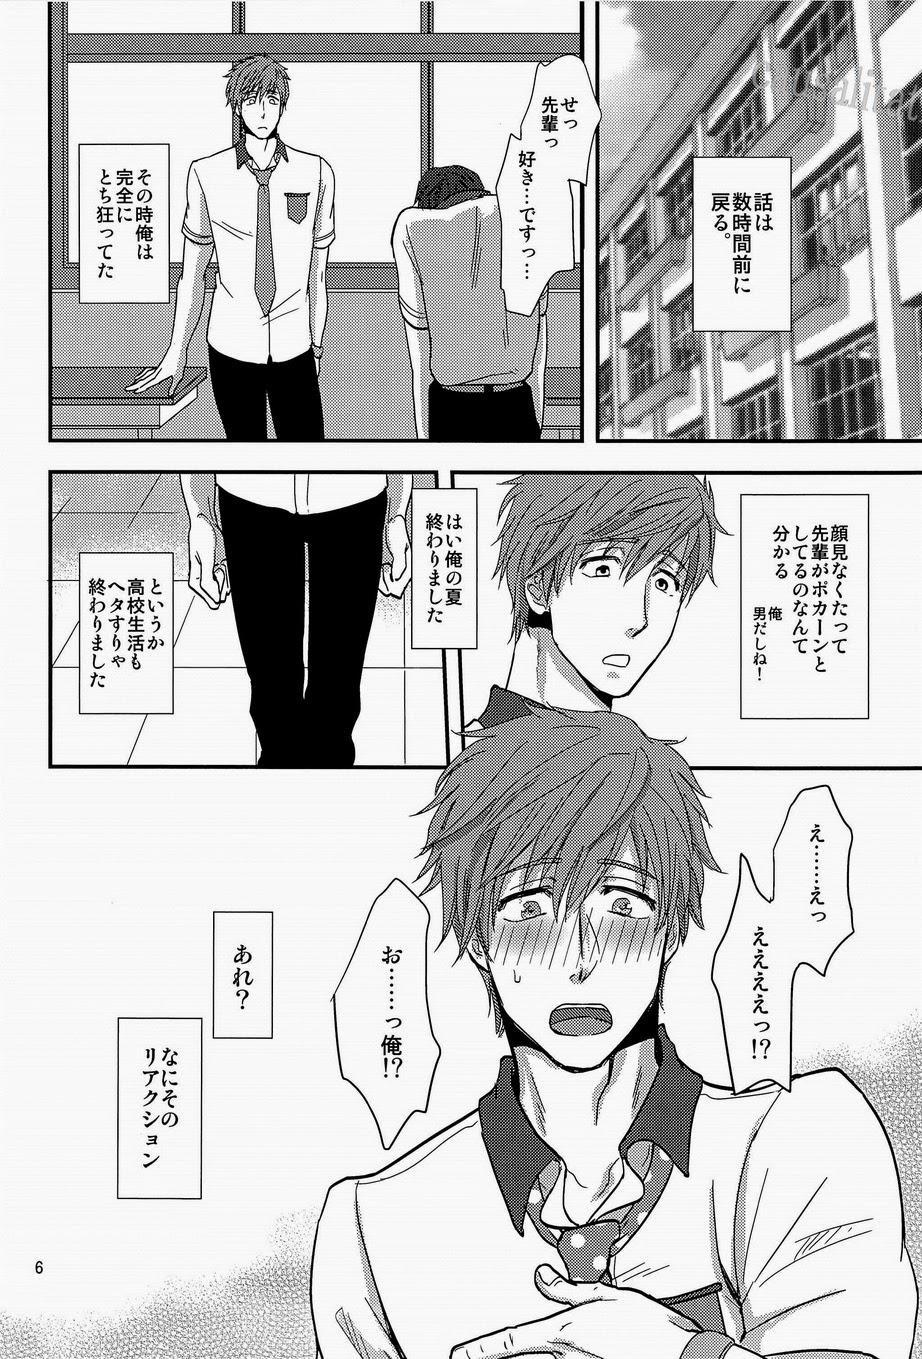 Senpai Onegaishimasu 5